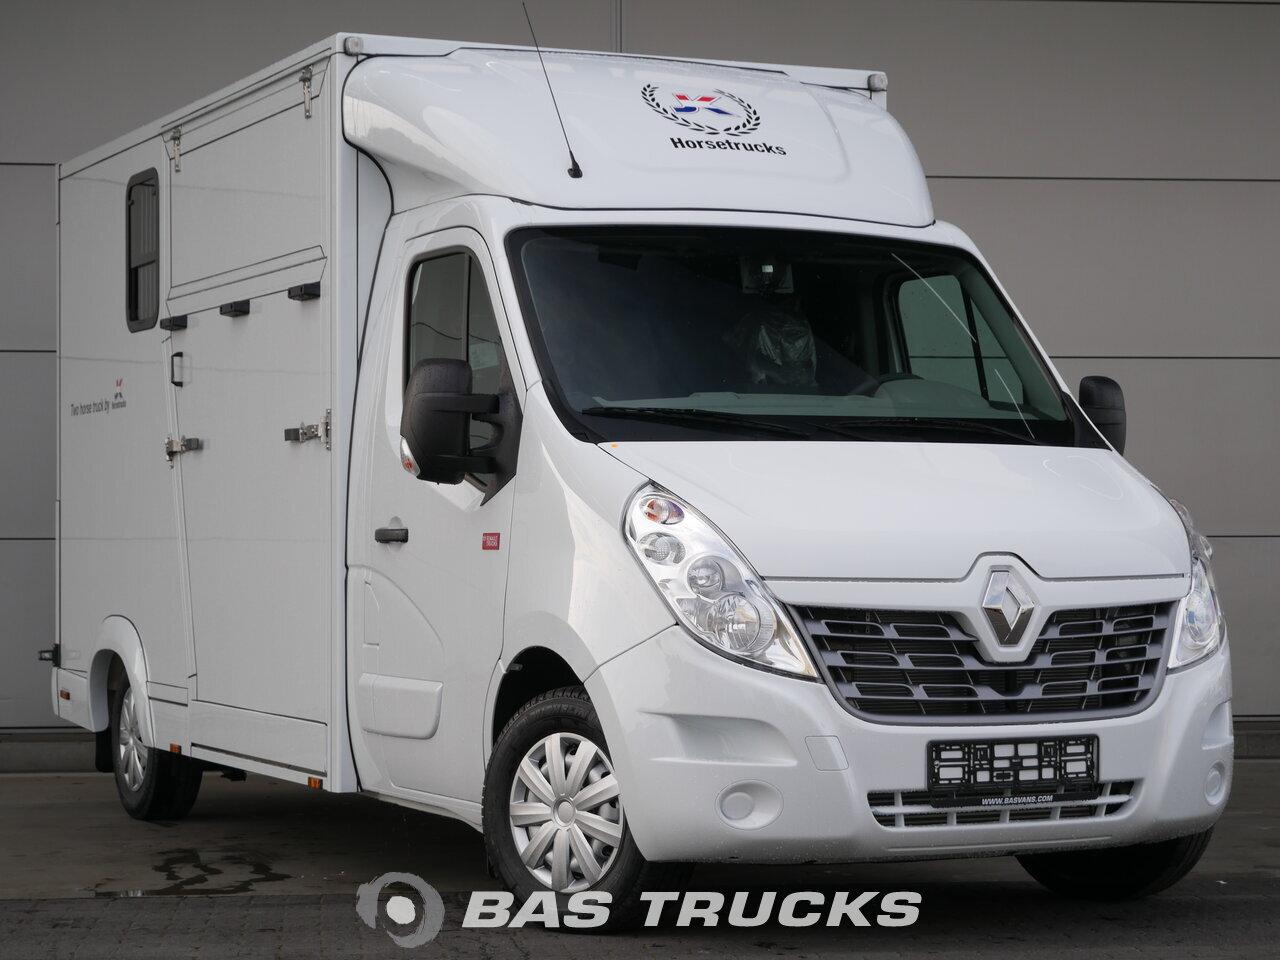 renault master lcv euro 0 39900 bas trucks. Black Bedroom Furniture Sets. Home Design Ideas